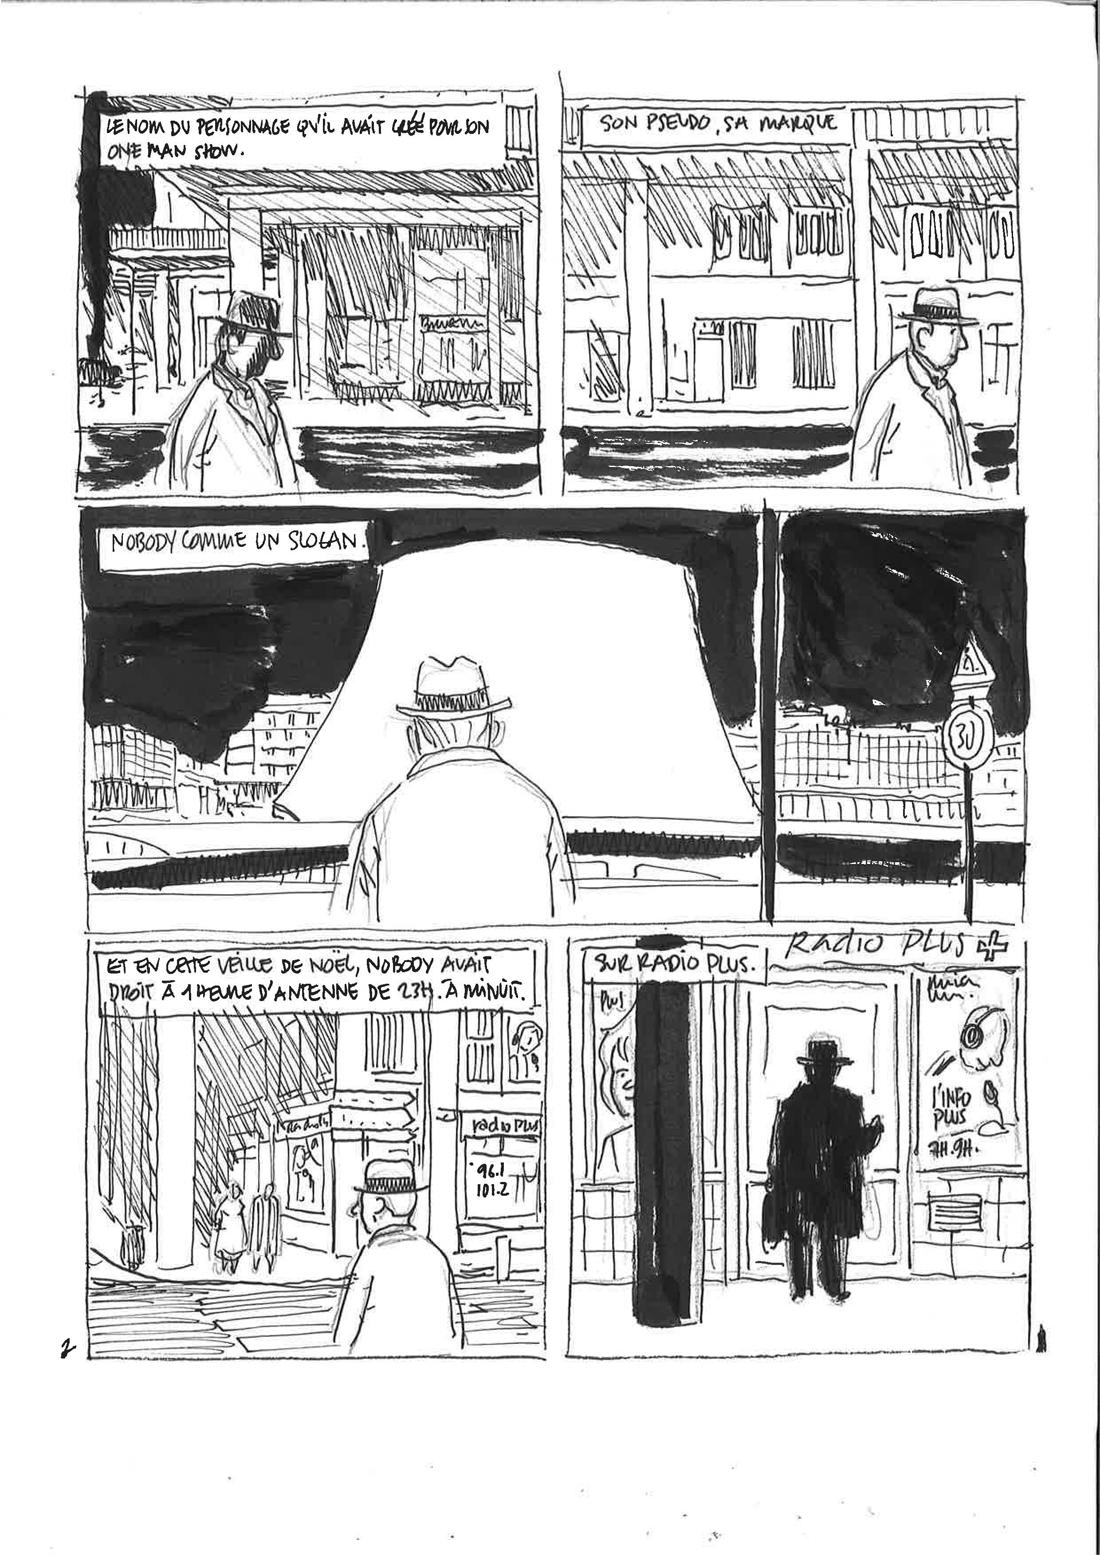 30 ans d'édition, par Sébastien Gnaedig, Epilogue: Mister Nobody. Decoupage de la planche 2 de Mister Nobody